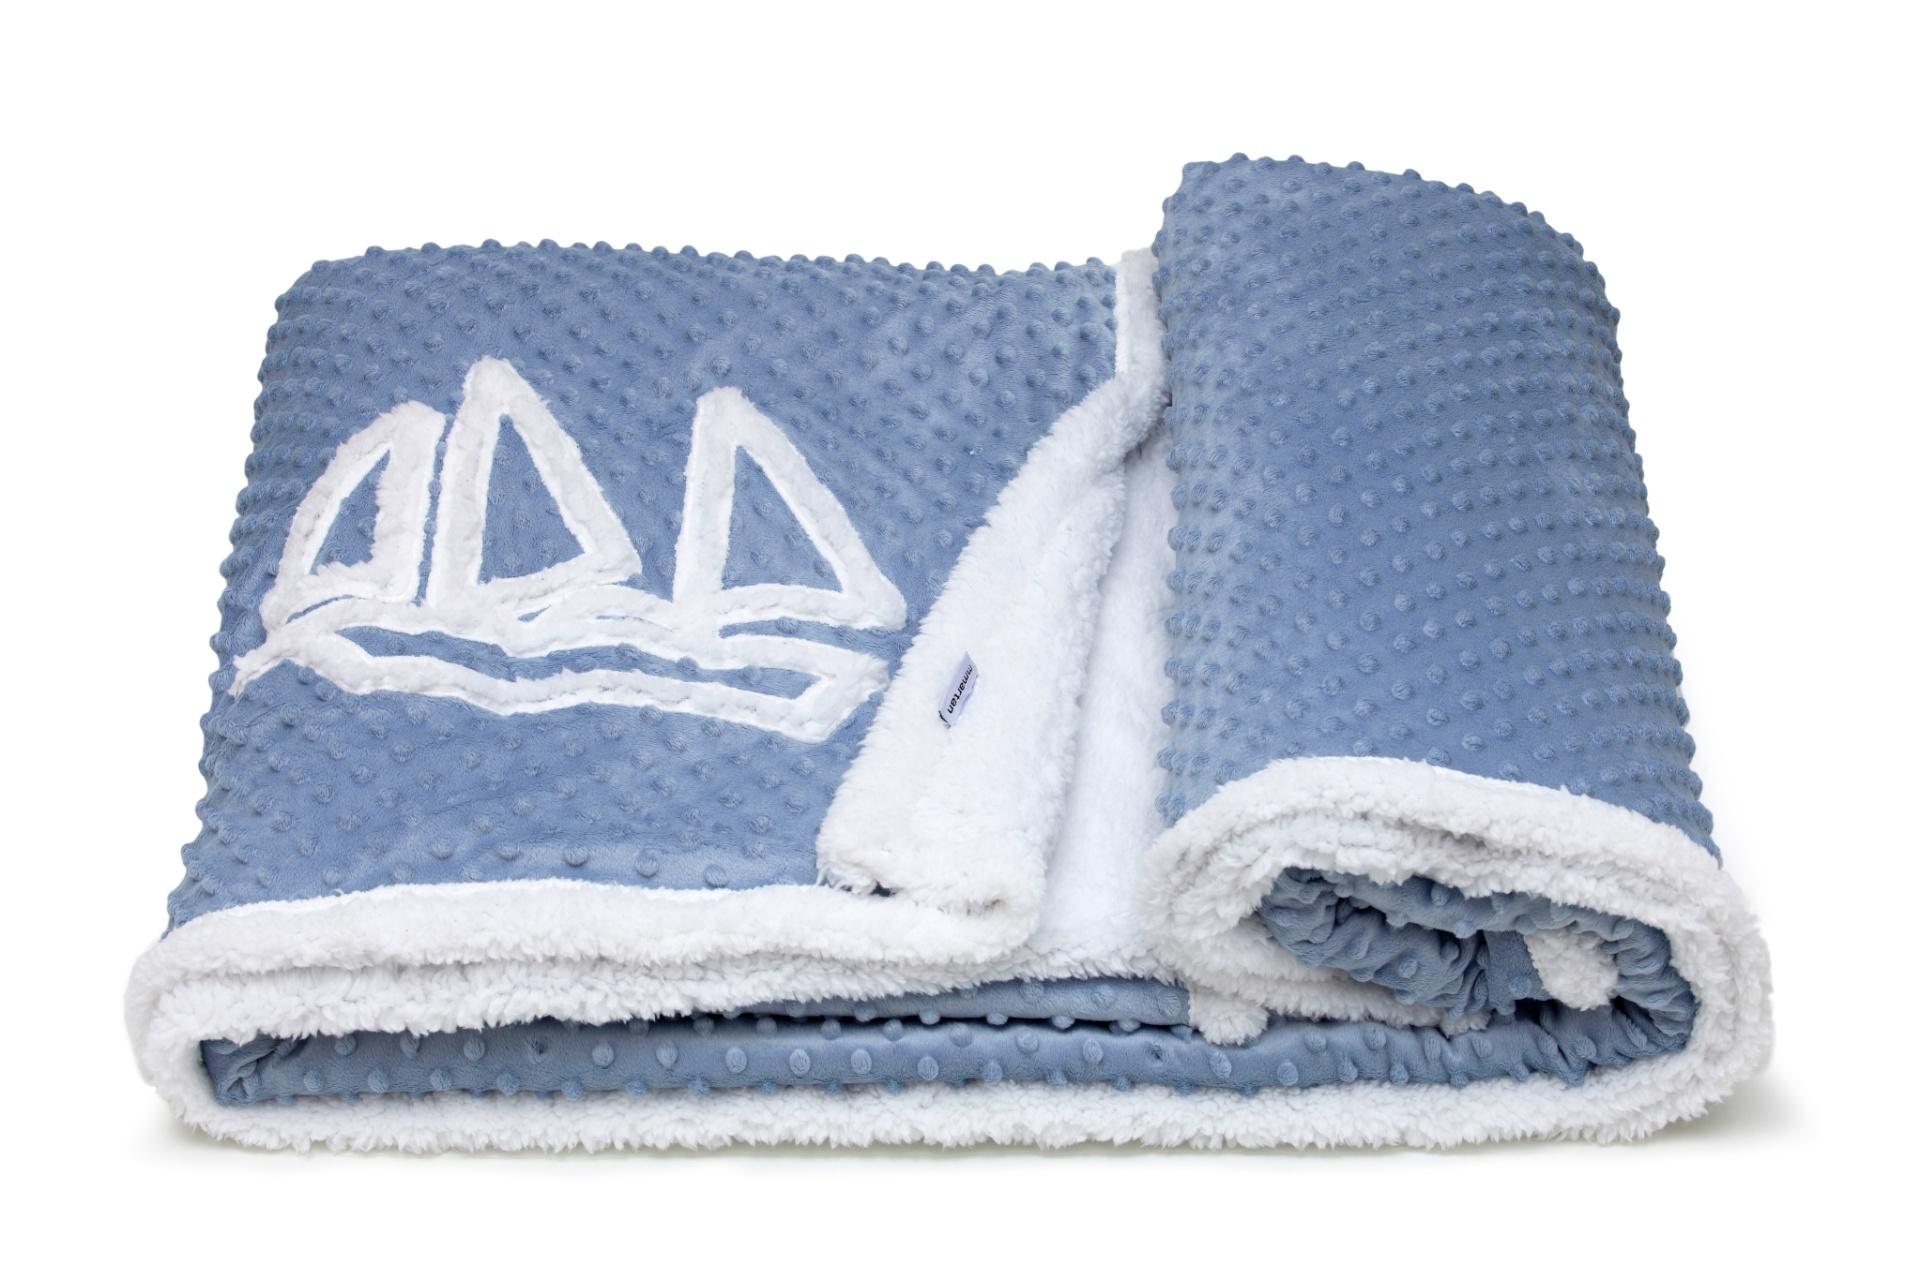 Feito em microfibra de poliéster, o cobertor Snow Flakes tem uma face em lã de carneiro sintética. O produto no tamanho casal (160 cm por 220 cm) é vendido na MMartan (21 2567-1813), do Shopping Tijuca, no Rio de Janeiro  I Outras informações podem ser obtidas com o fornecedor